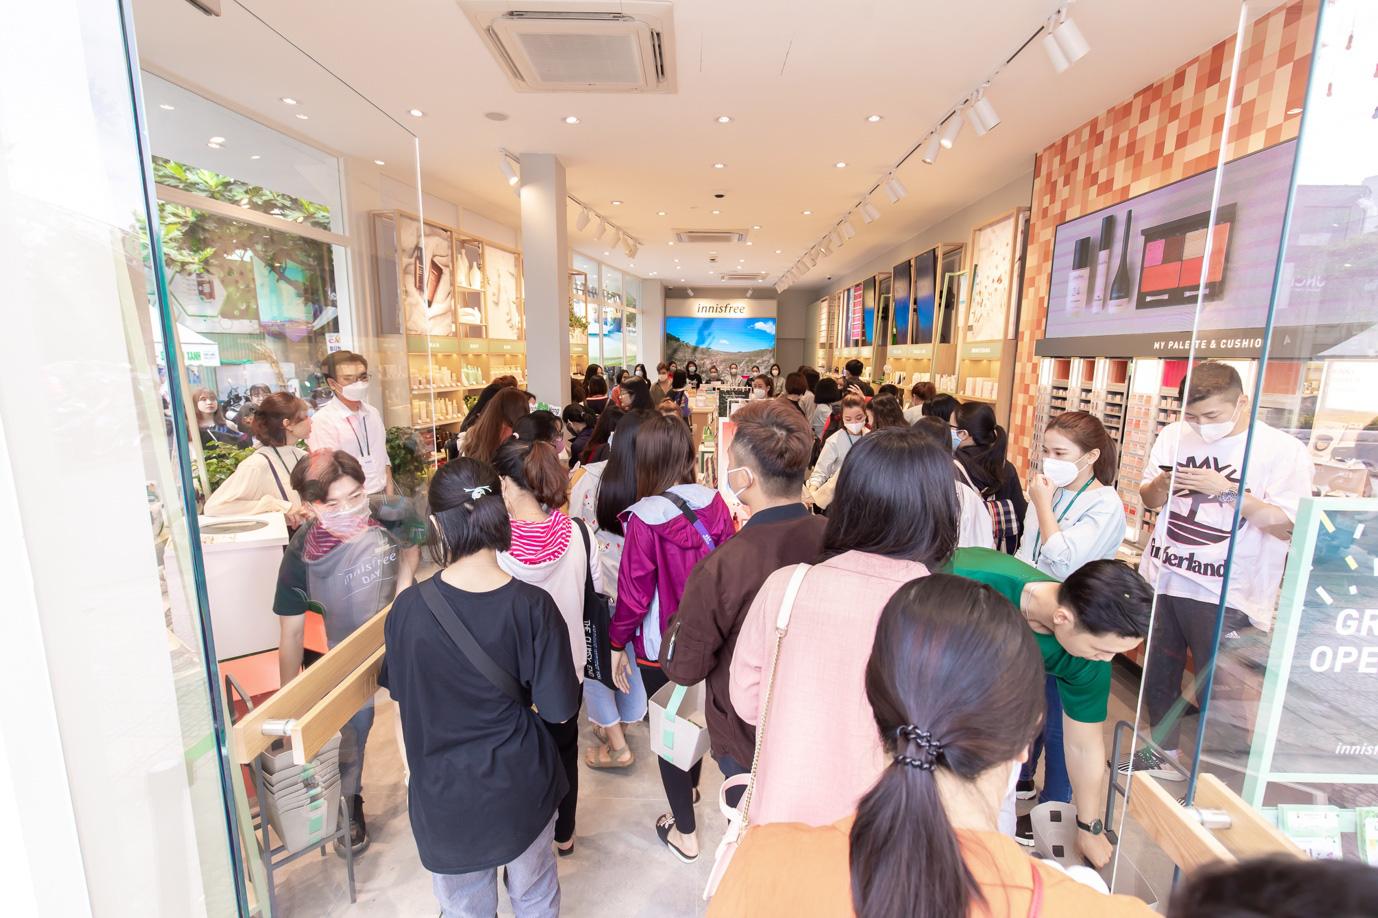 """Sướng nhất các tín đồ làm đẹp Đà Nẵng: Vừa shopping nhận quà """"khủng"""" từ innisfree, vừa nghe Phương Ly hát live cực đỉnh - Ảnh 2."""